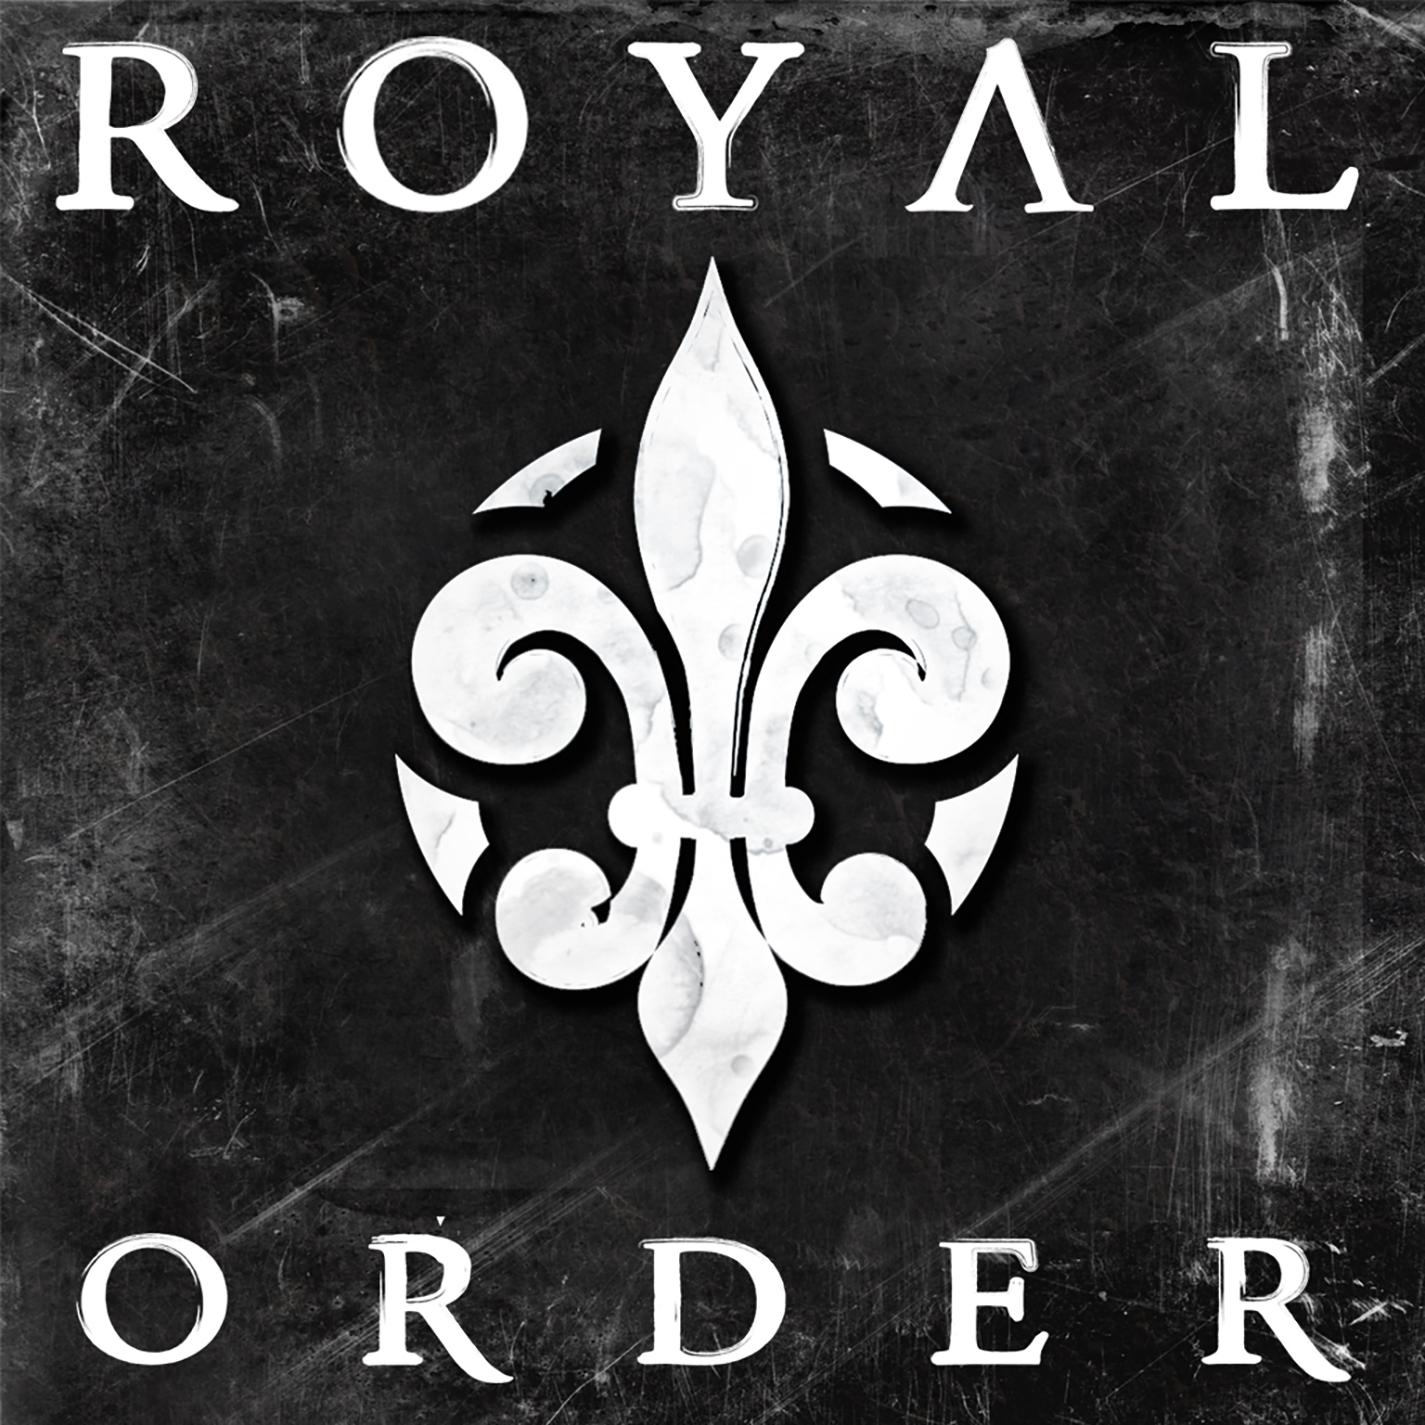 Royal Order - Royal Order [EP] (2018)